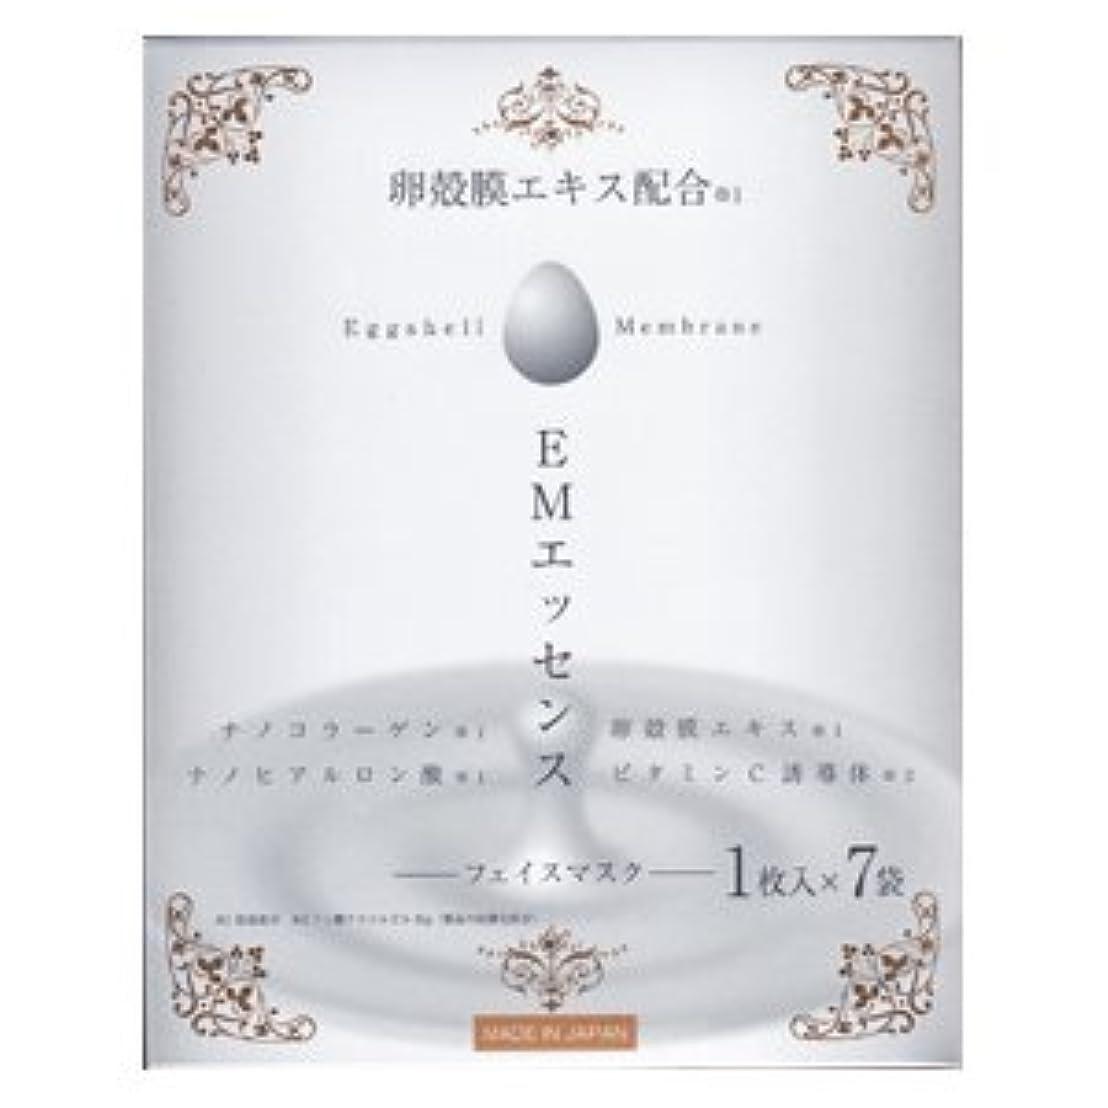 豊かにする政権ピカソ卵殻膜エキス配合 EMエッセンス フェイスマスク 1枚入×7袋